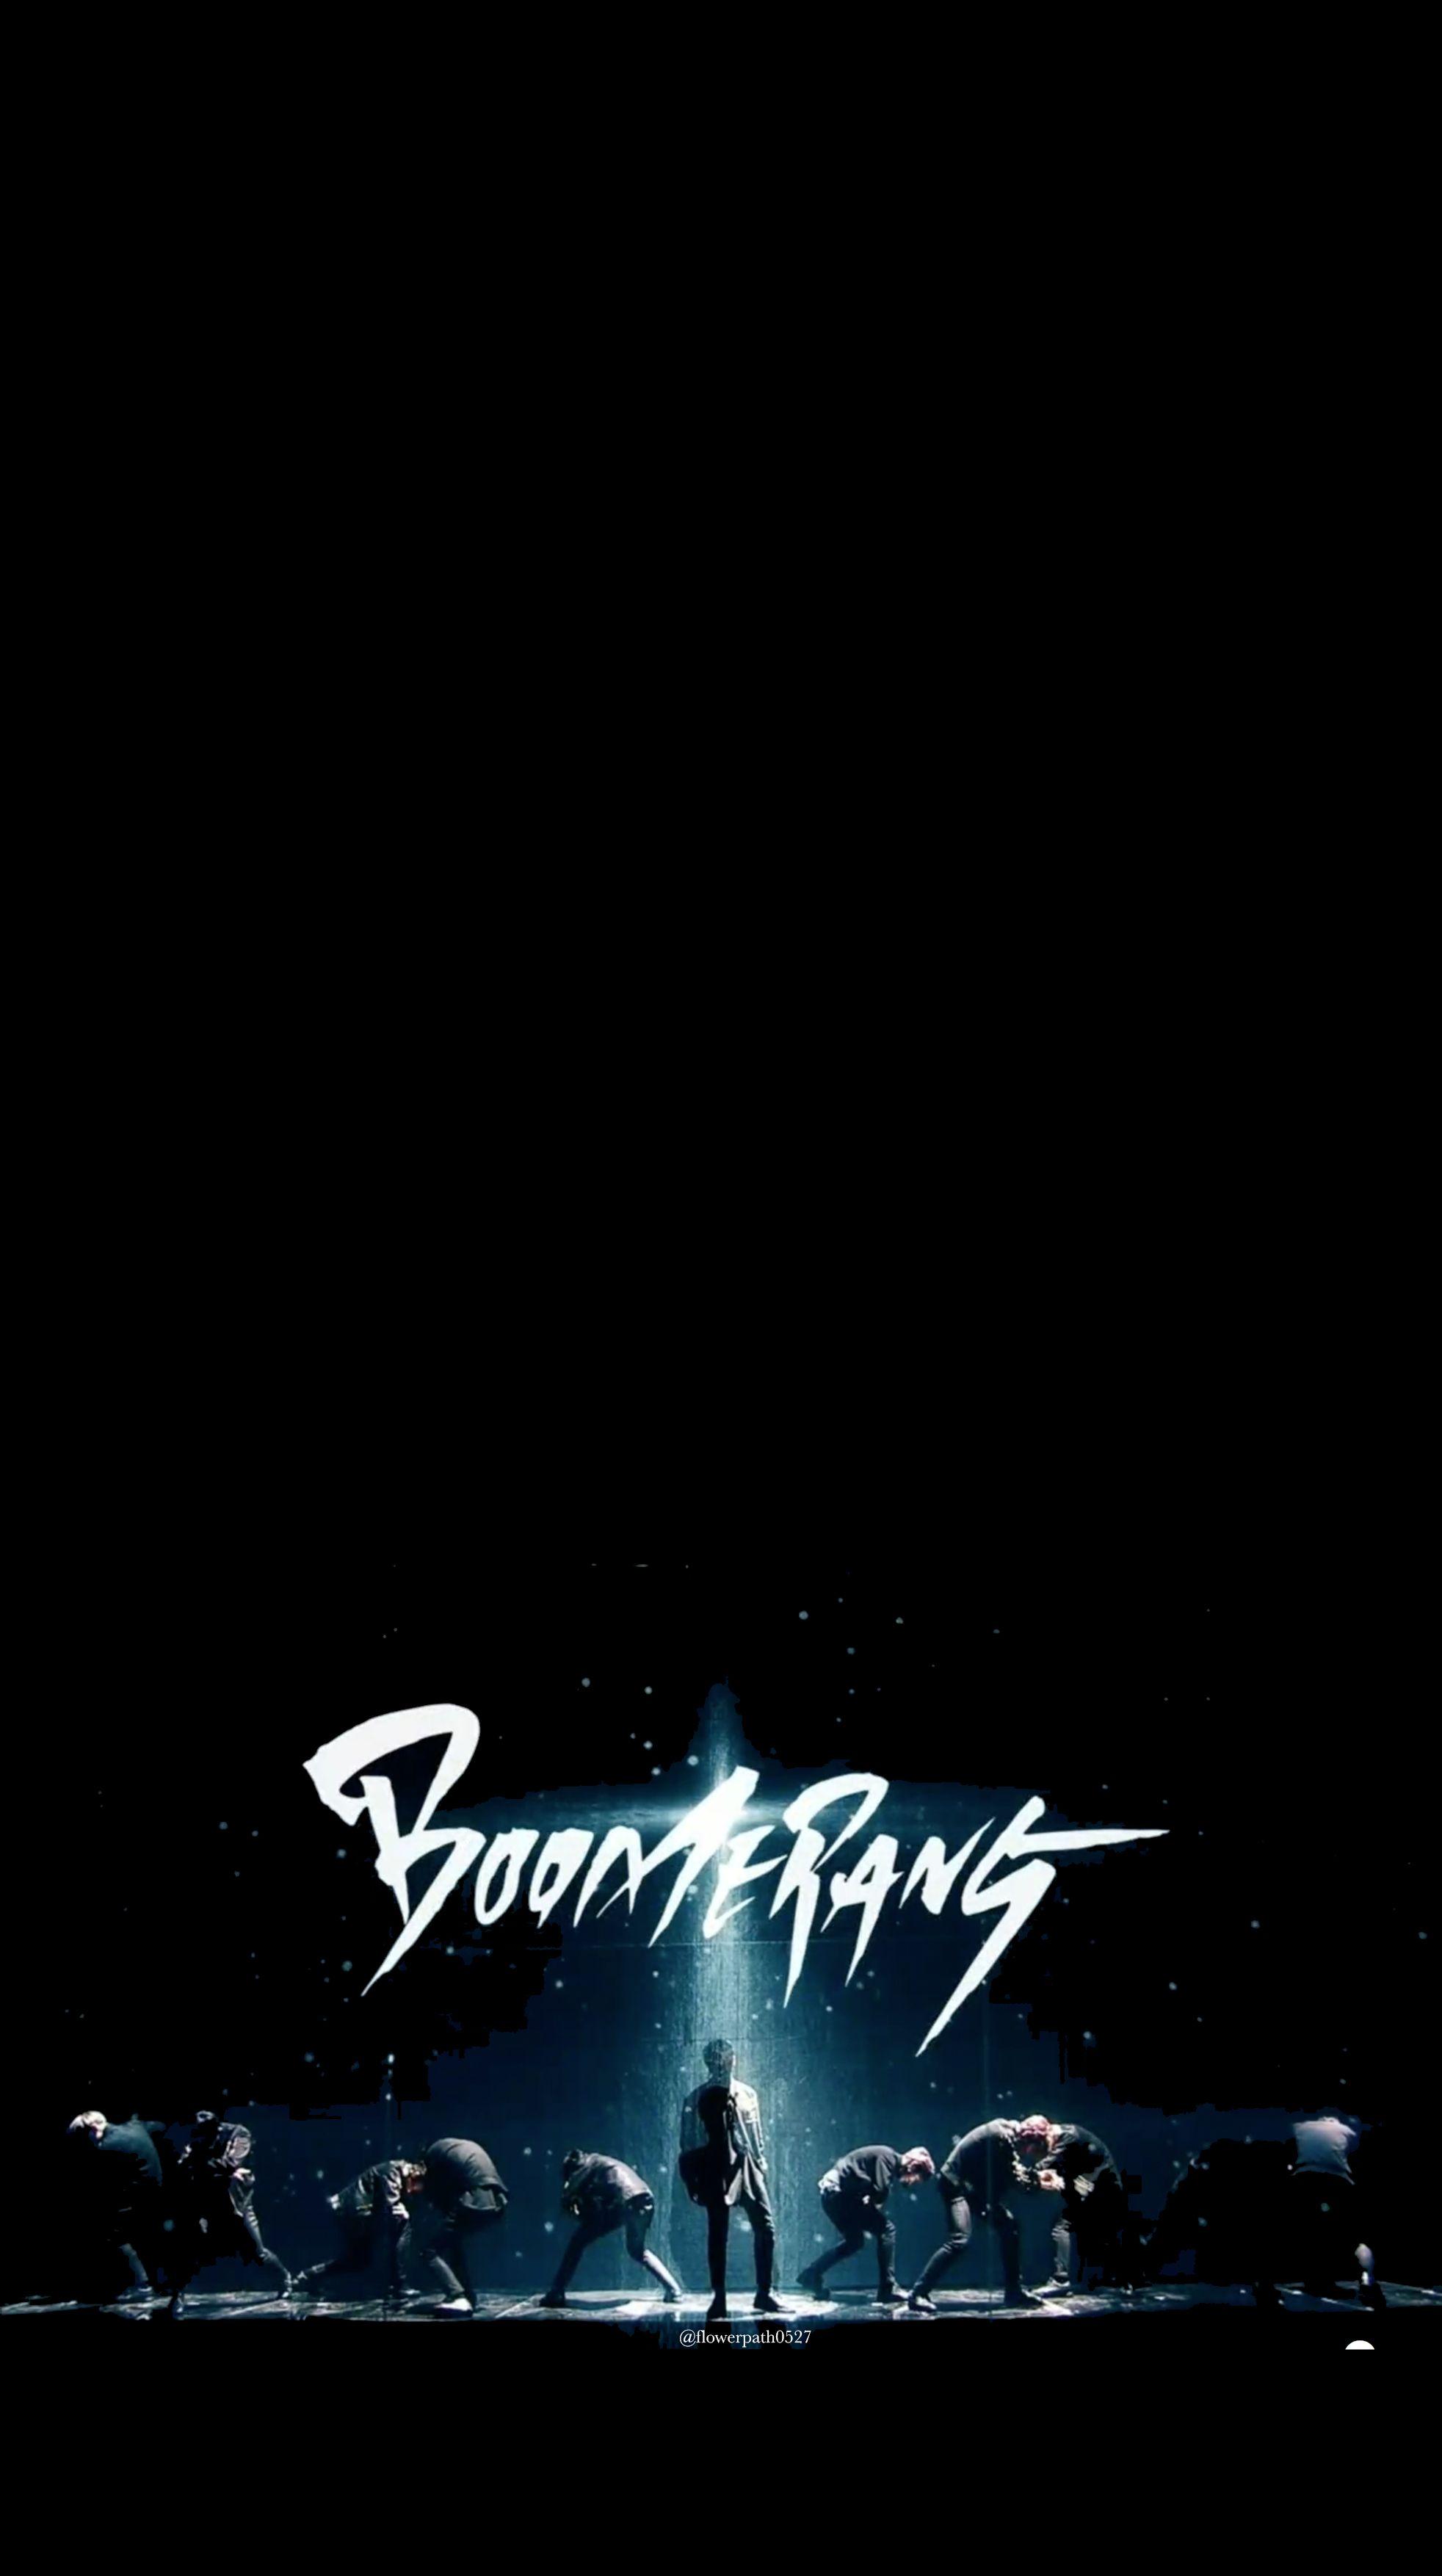 Wanna One Boomerang Wallpaper Kpop Or Gaypop Haha Pinterest